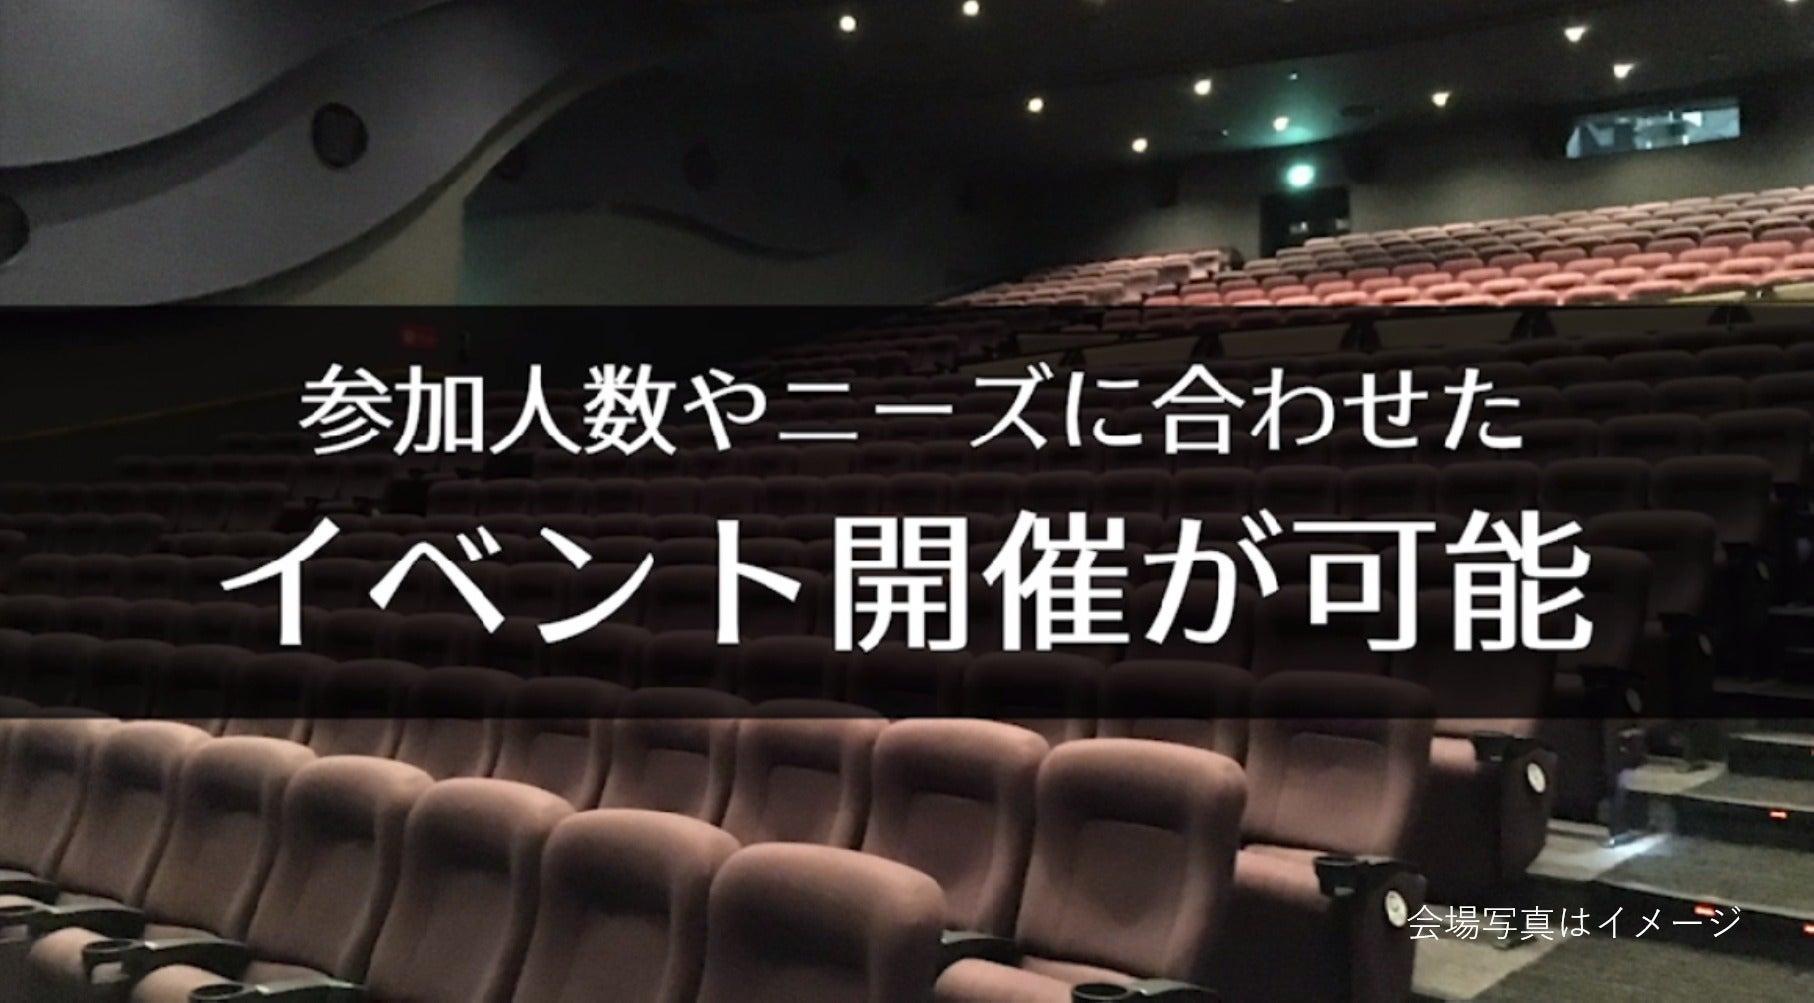 【大津 148席】映画館で、会社説明会、株主総会、講演会の企画はいかがですか?(ユナイテッド・シネマ大津) の写真0